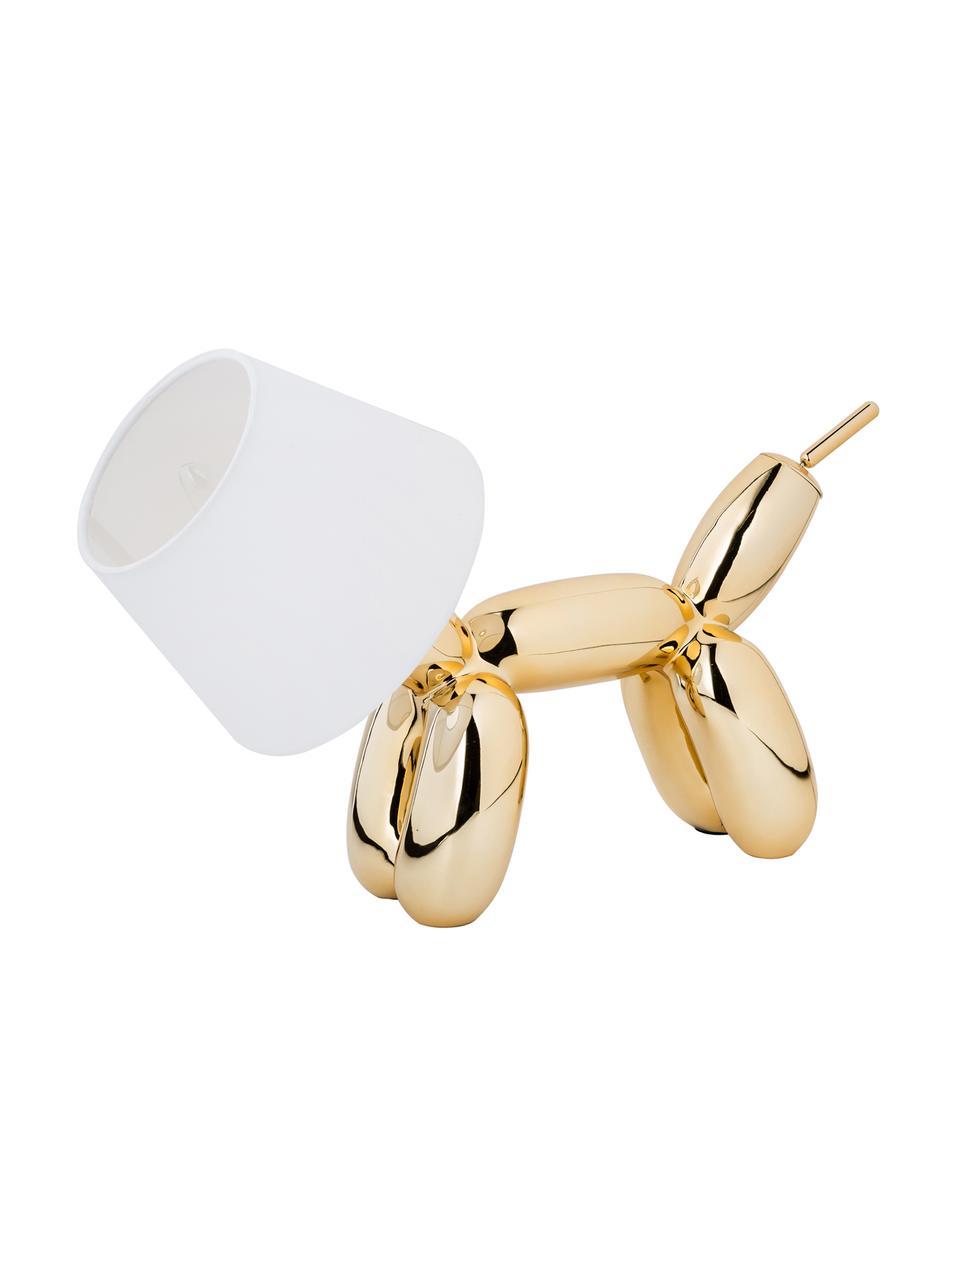 Petite lampe à poser design Doggy, Couleur dorée, blanc